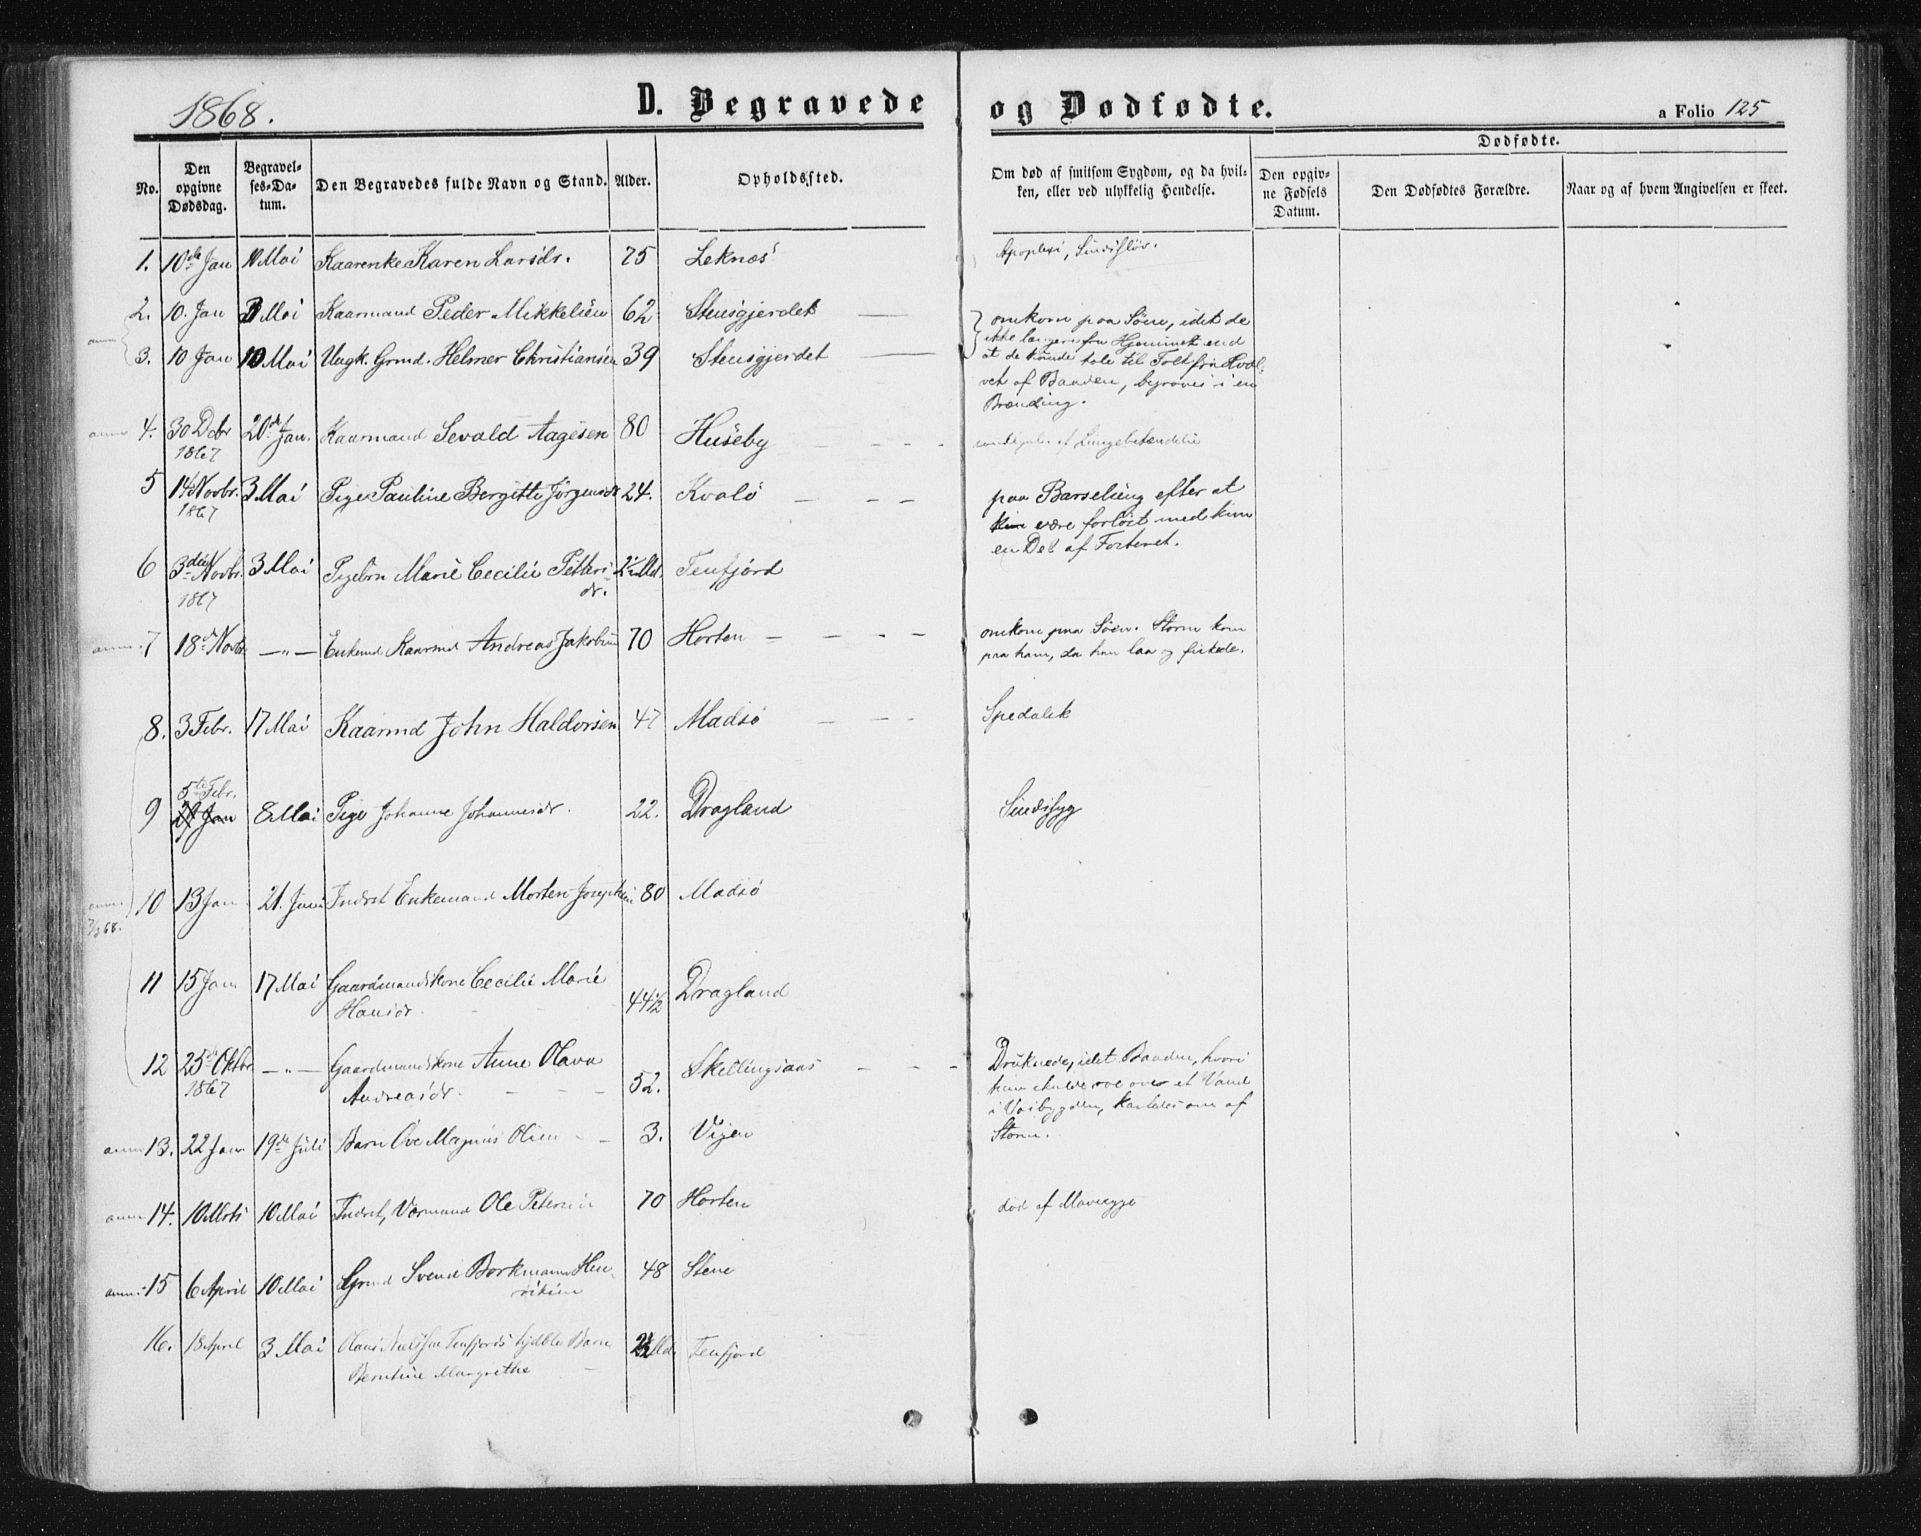 SAT, Ministerialprotokoller, klokkerbøker og fødselsregistre - Nord-Trøndelag, 788/L0696: Ministerialbok nr. 788A03, 1863-1877, s. 125